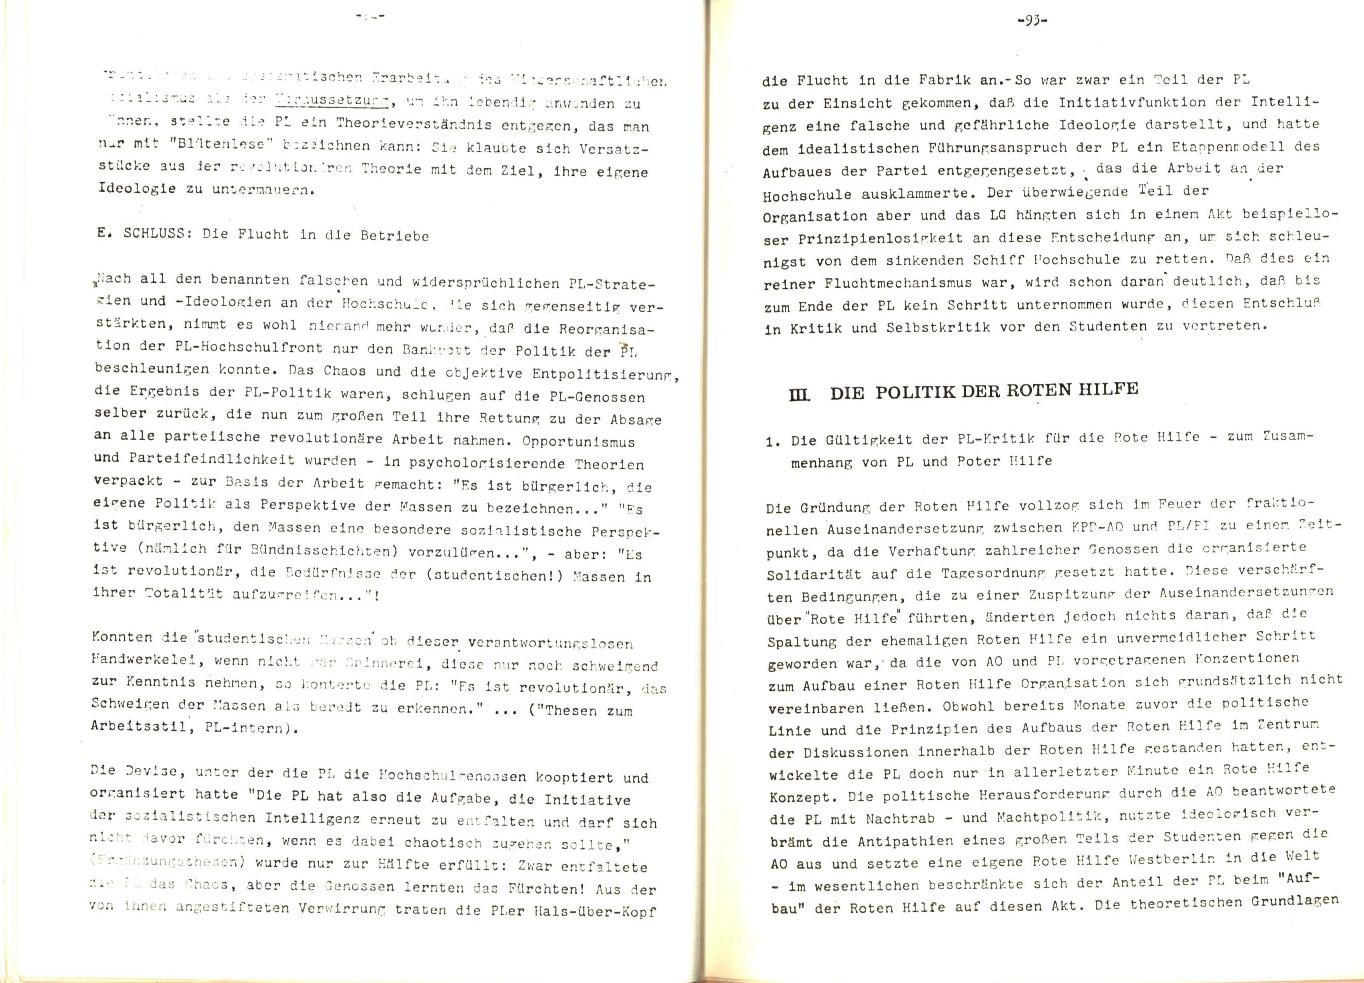 PLPI_1971_Aufloesung_49